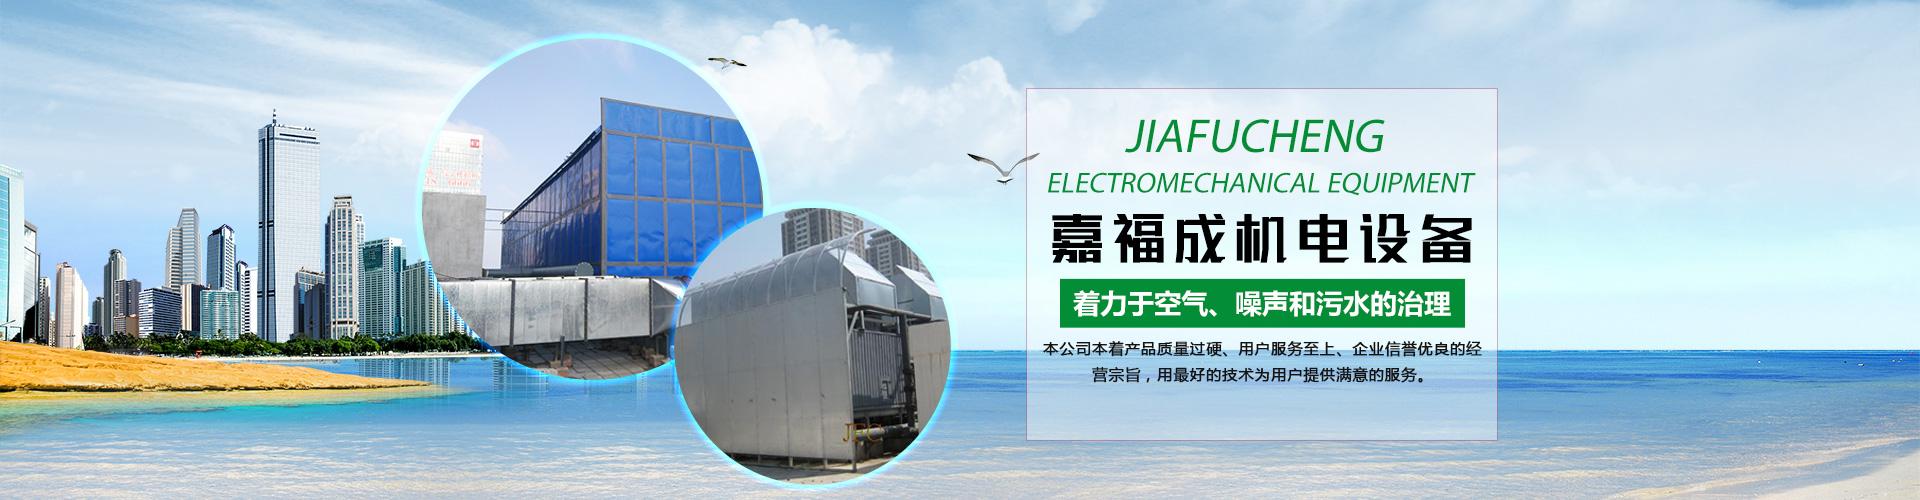 沈阳嘉福成机电设备制造有限公司